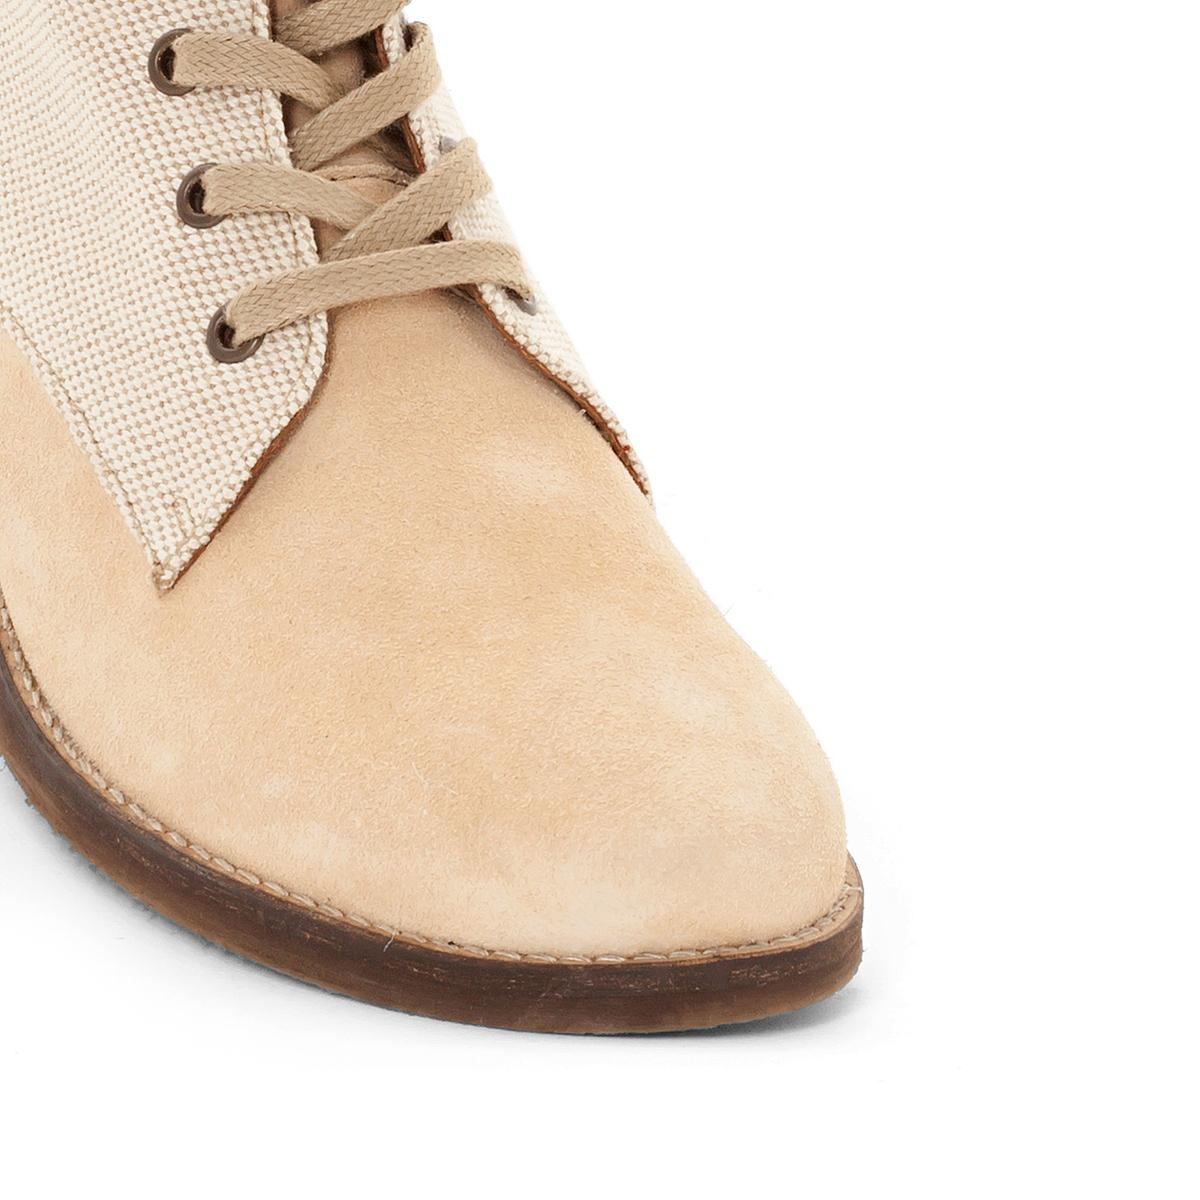 Ботильоны кожаныеОписание:Детали  •  Застежка : шнуровка •  Круглый мысок •  Велюровая отделка, нубукСостав и уход  •  Верх 100% кожа •  Подкладка 100% полиэстер<br><br>Цвет: бежевый<br>Размер: 37.36